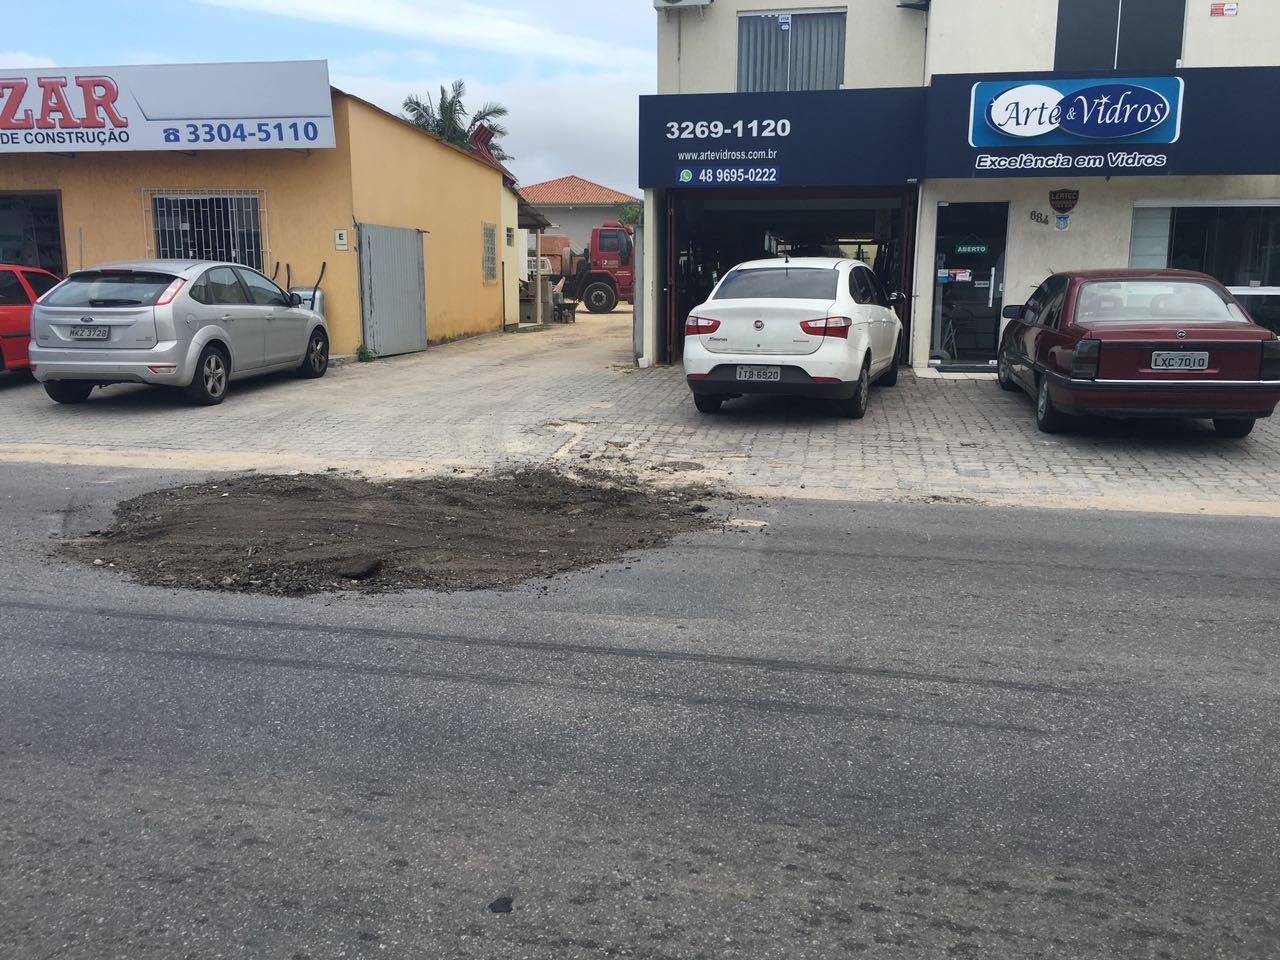 Foto: JCC / Divulgação